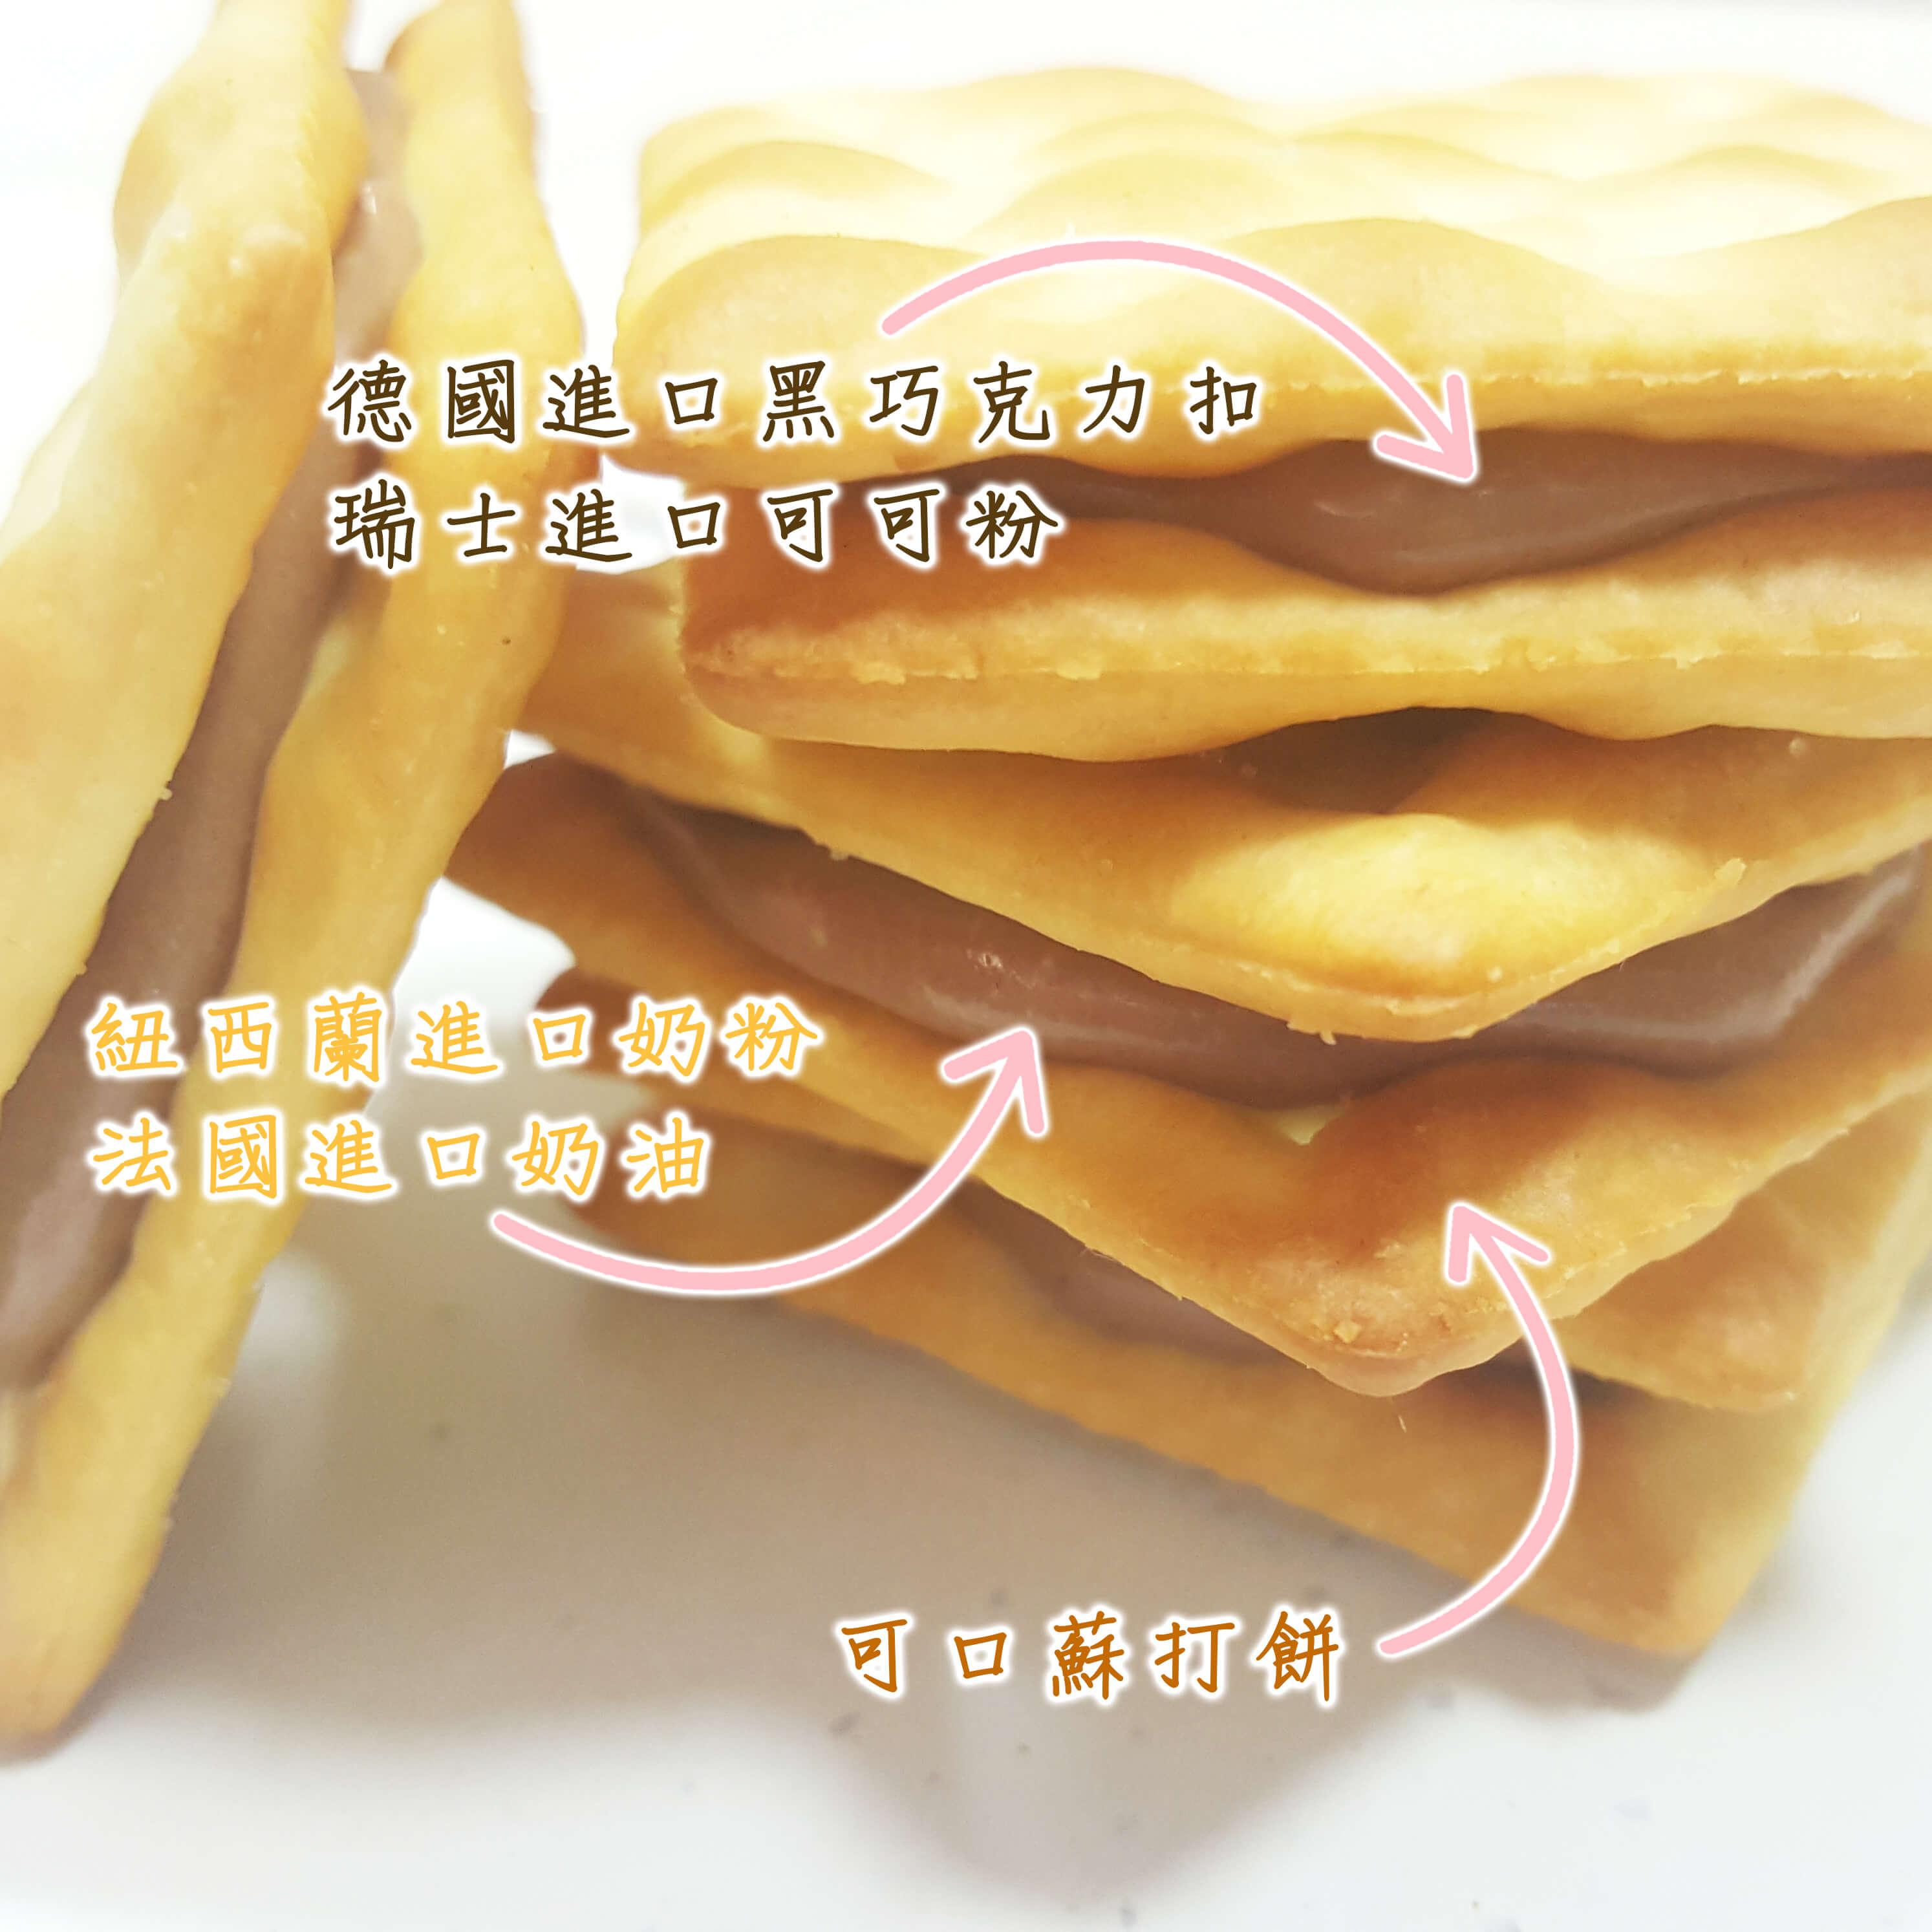 【采果食品坊】巧克力牛軋餅 16入 / 袋裝 2